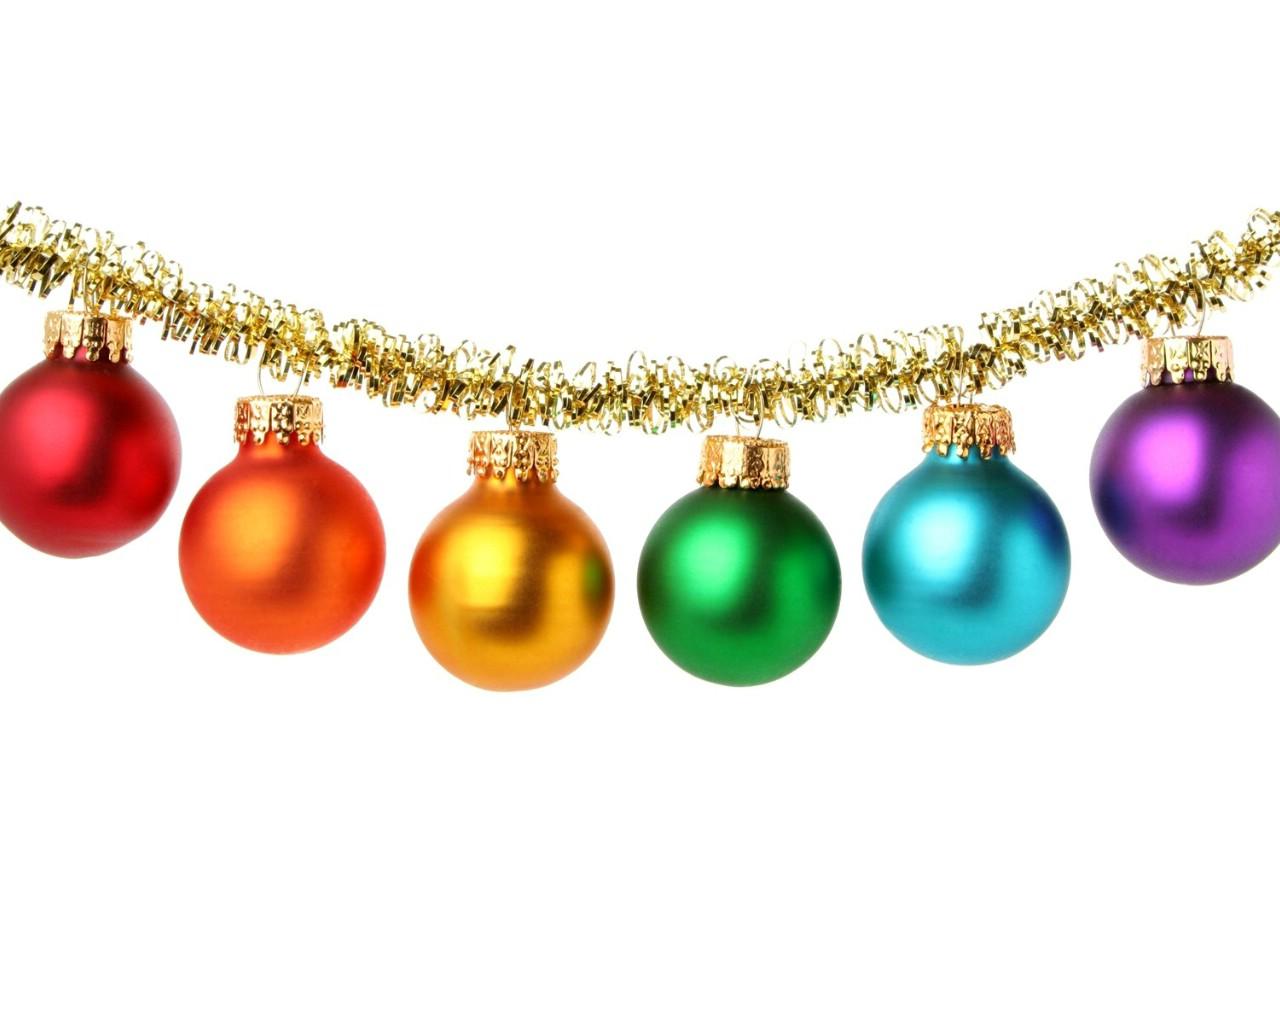 壁纸1280×1024圣诞节彩球挂件图片素材 1920 1600壁纸 五彩圣诞节彩球壁纸壁纸图片节日壁纸节日图片素材桌面壁纸